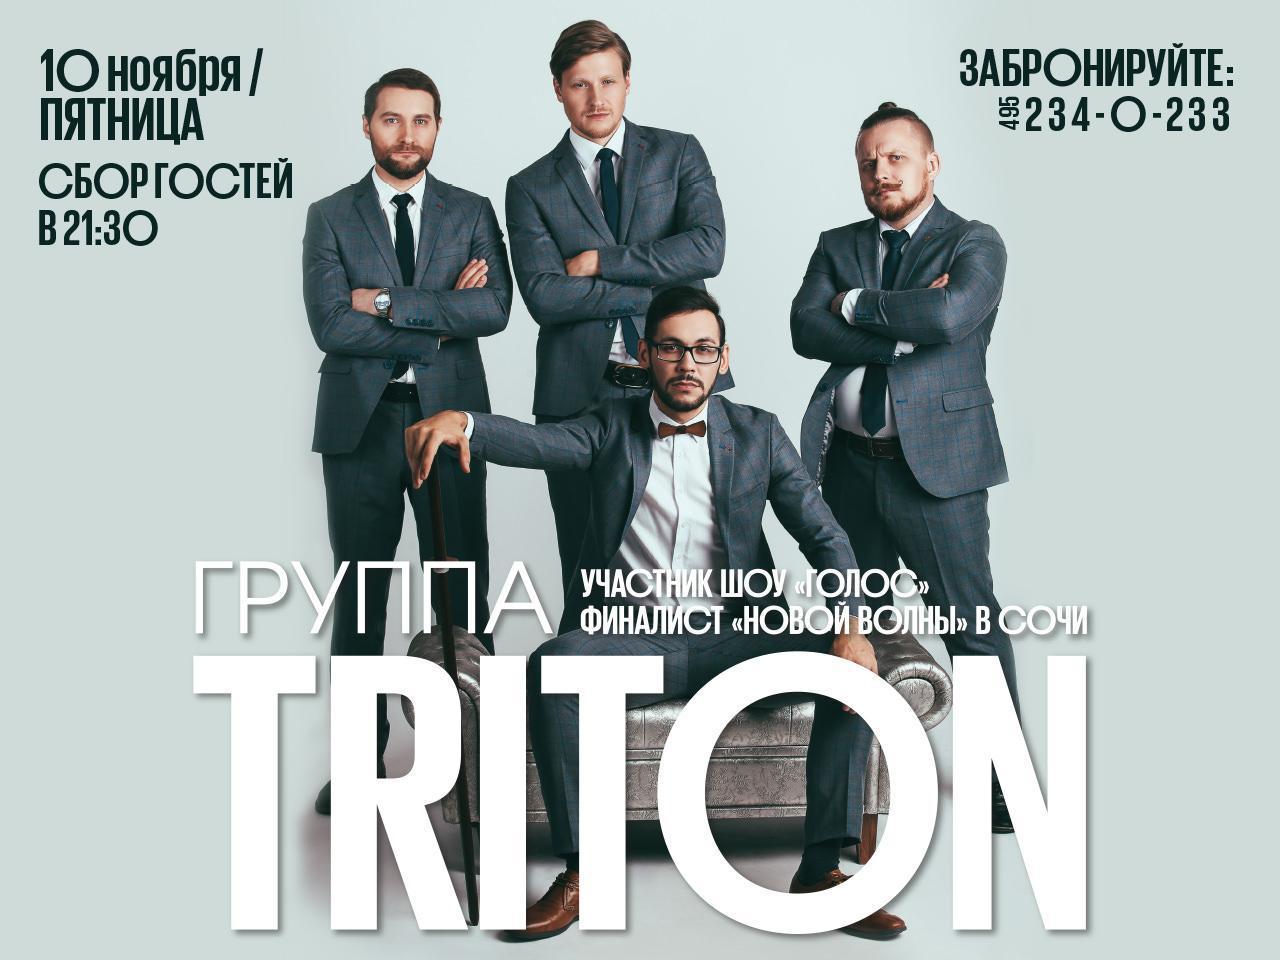 Выступление группы Triton в Чайхоне №1 на Саввинской набережной